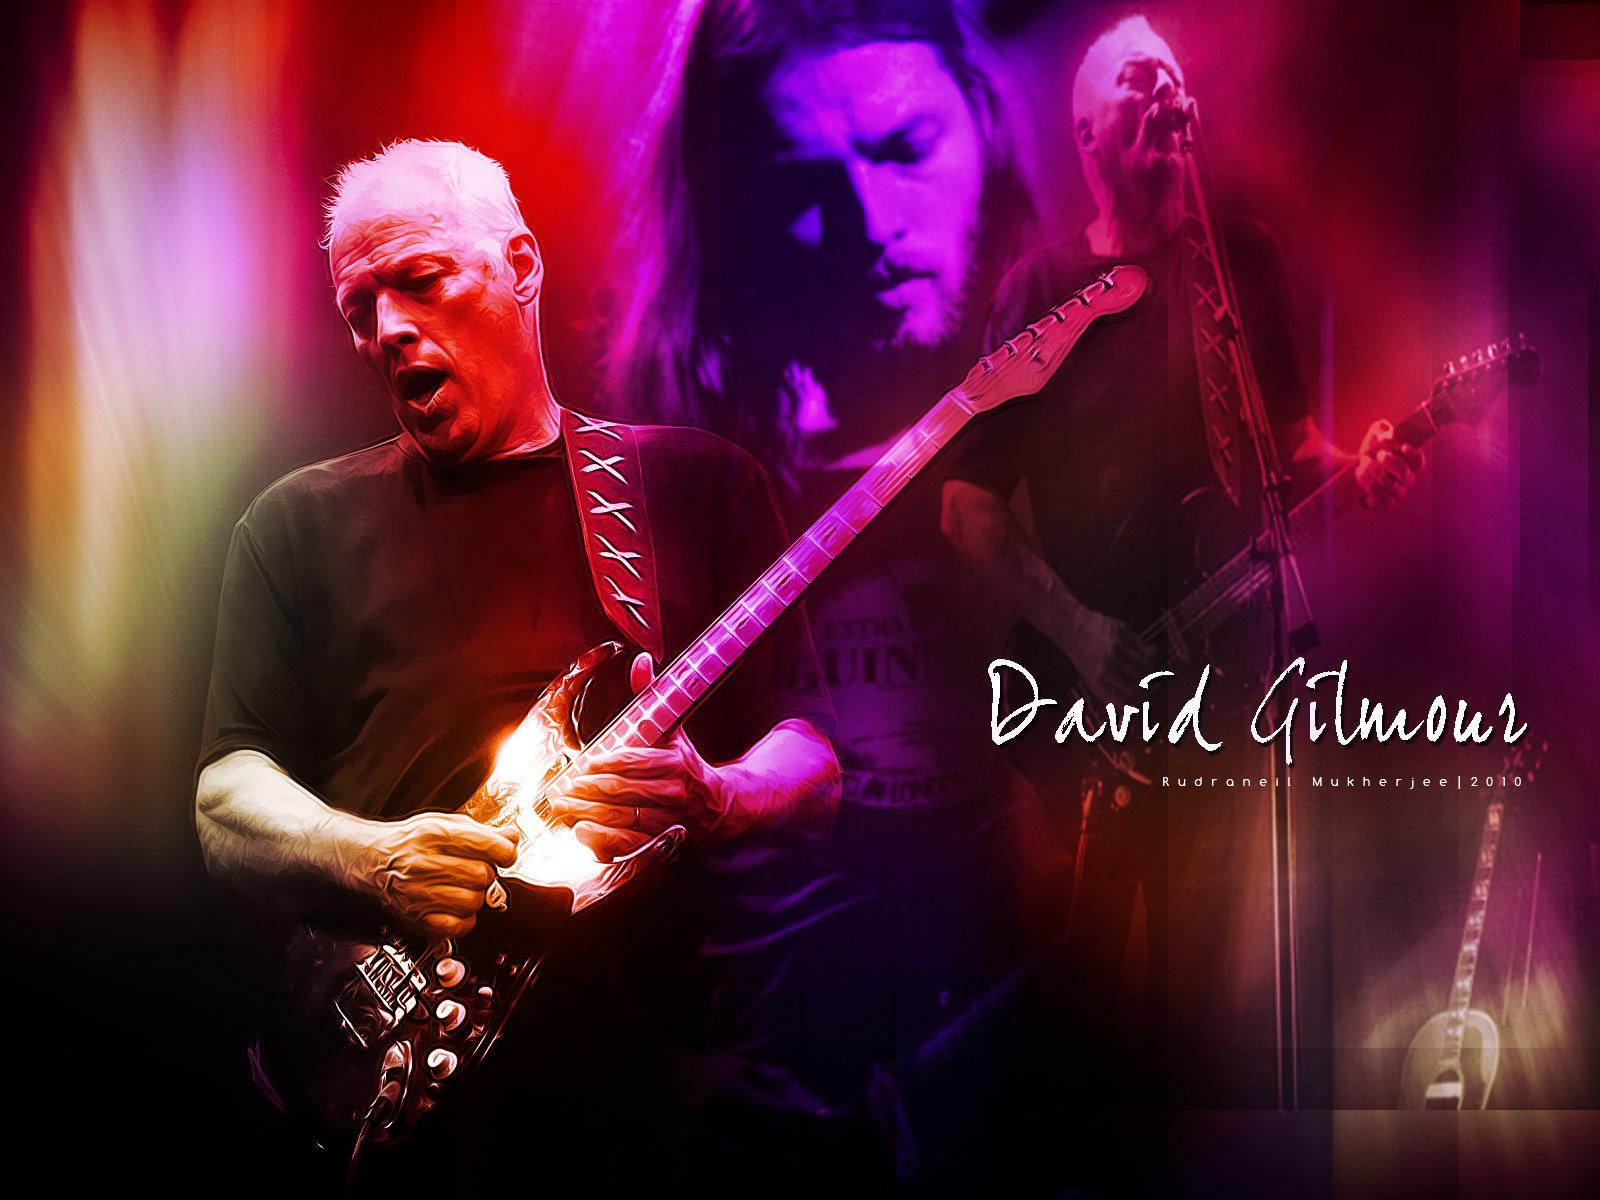 David Gilmour Wallpaper By Ultrashiva On Deviantart